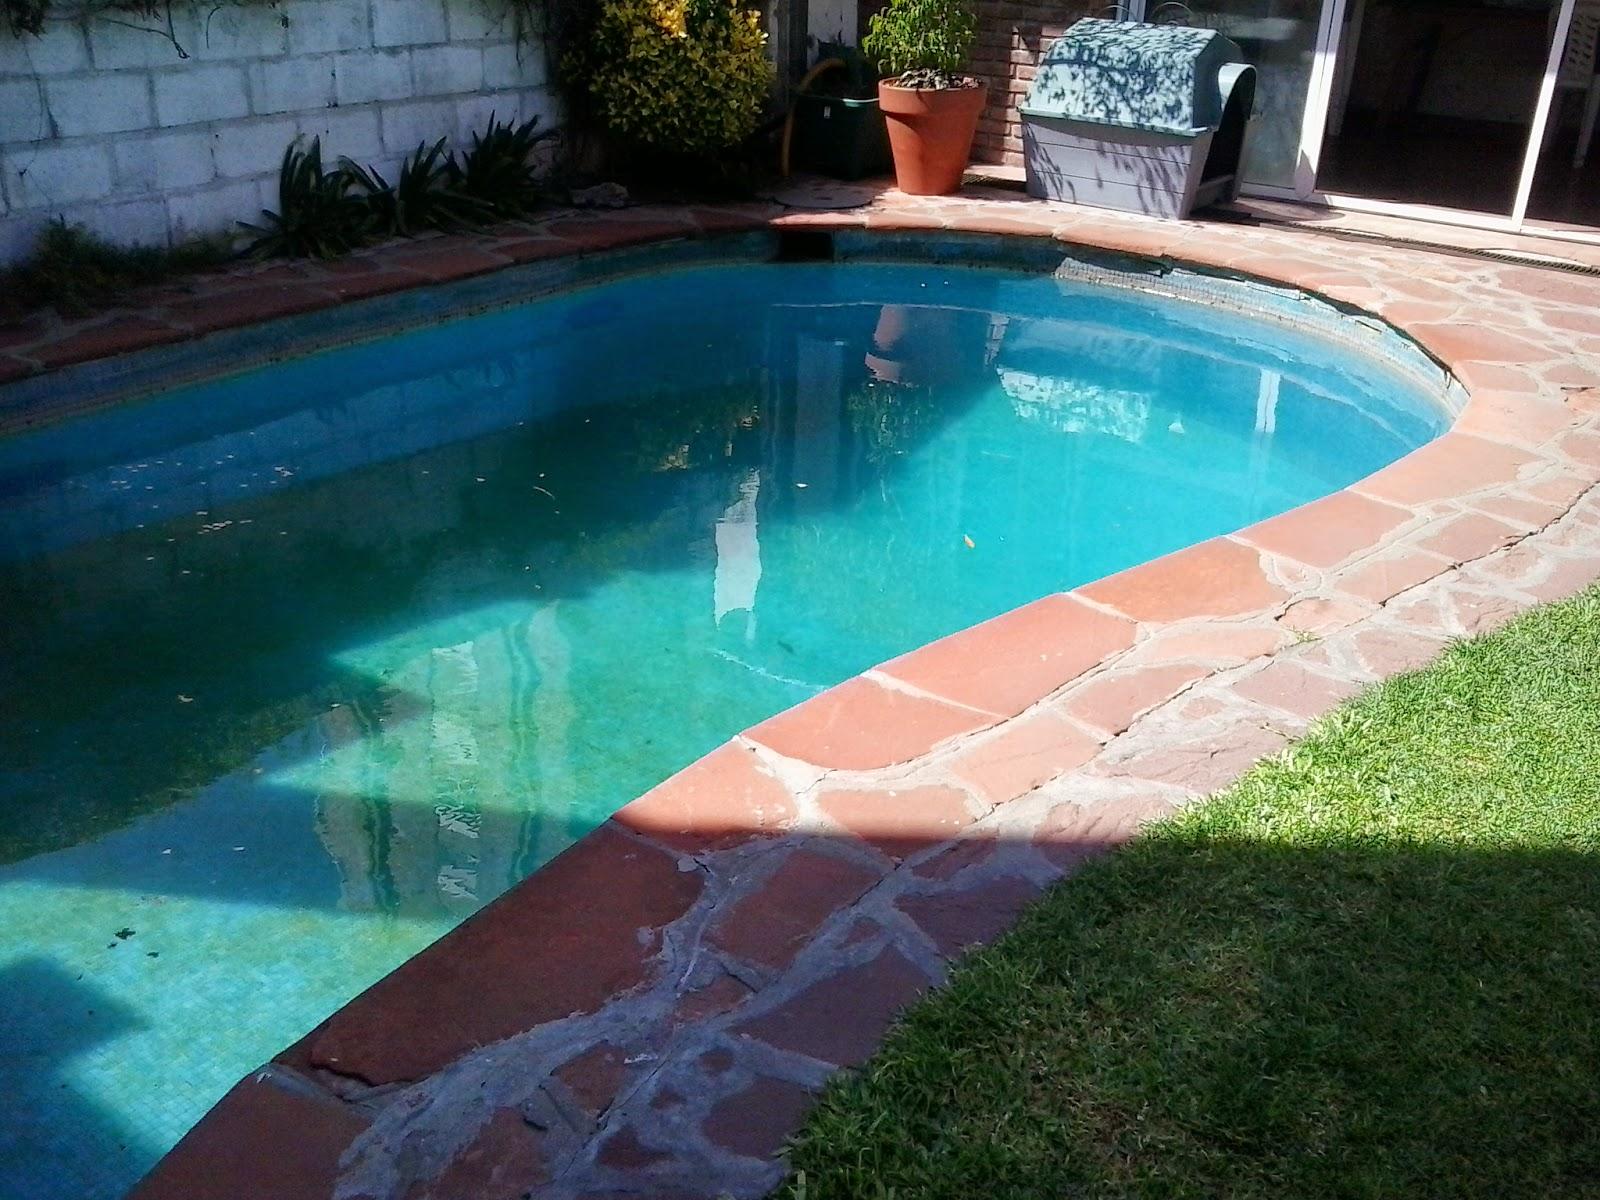 Construcci n de piscinas en terrazas y azoteas reforma for Construccion de piscinas argentina